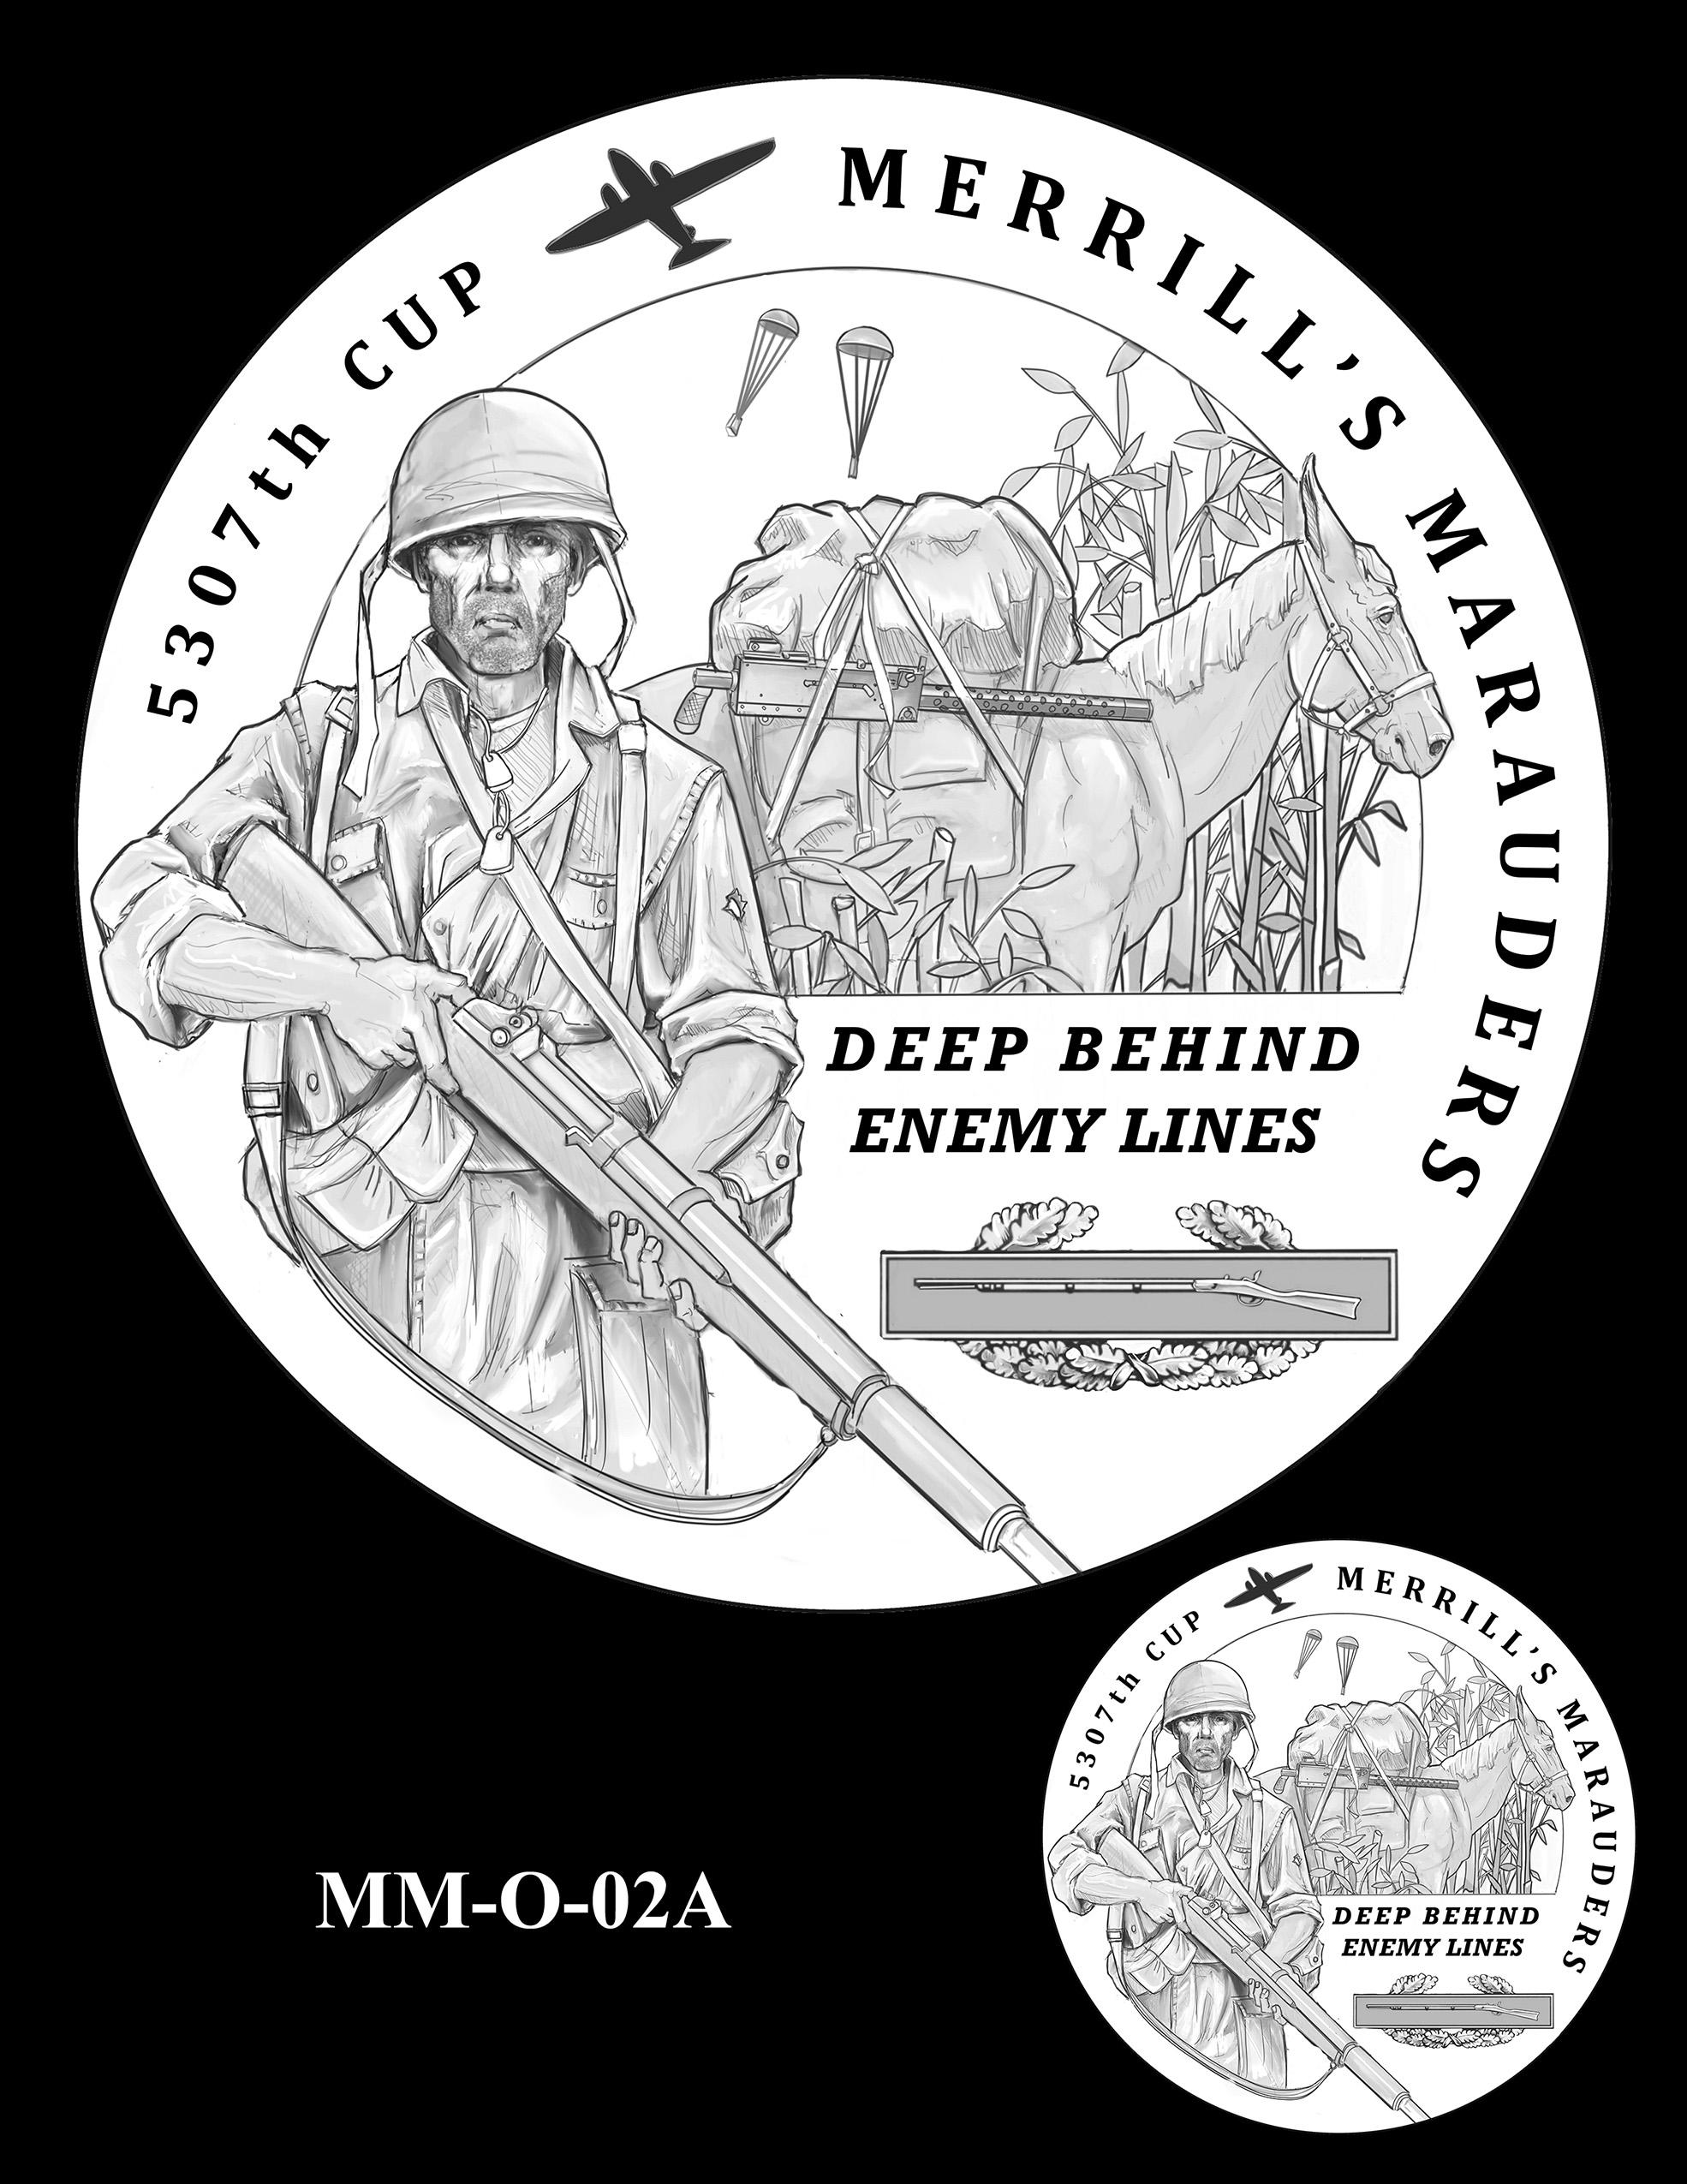 MM-O-02A -- Merrill's Marauders Congressional Gold Medal